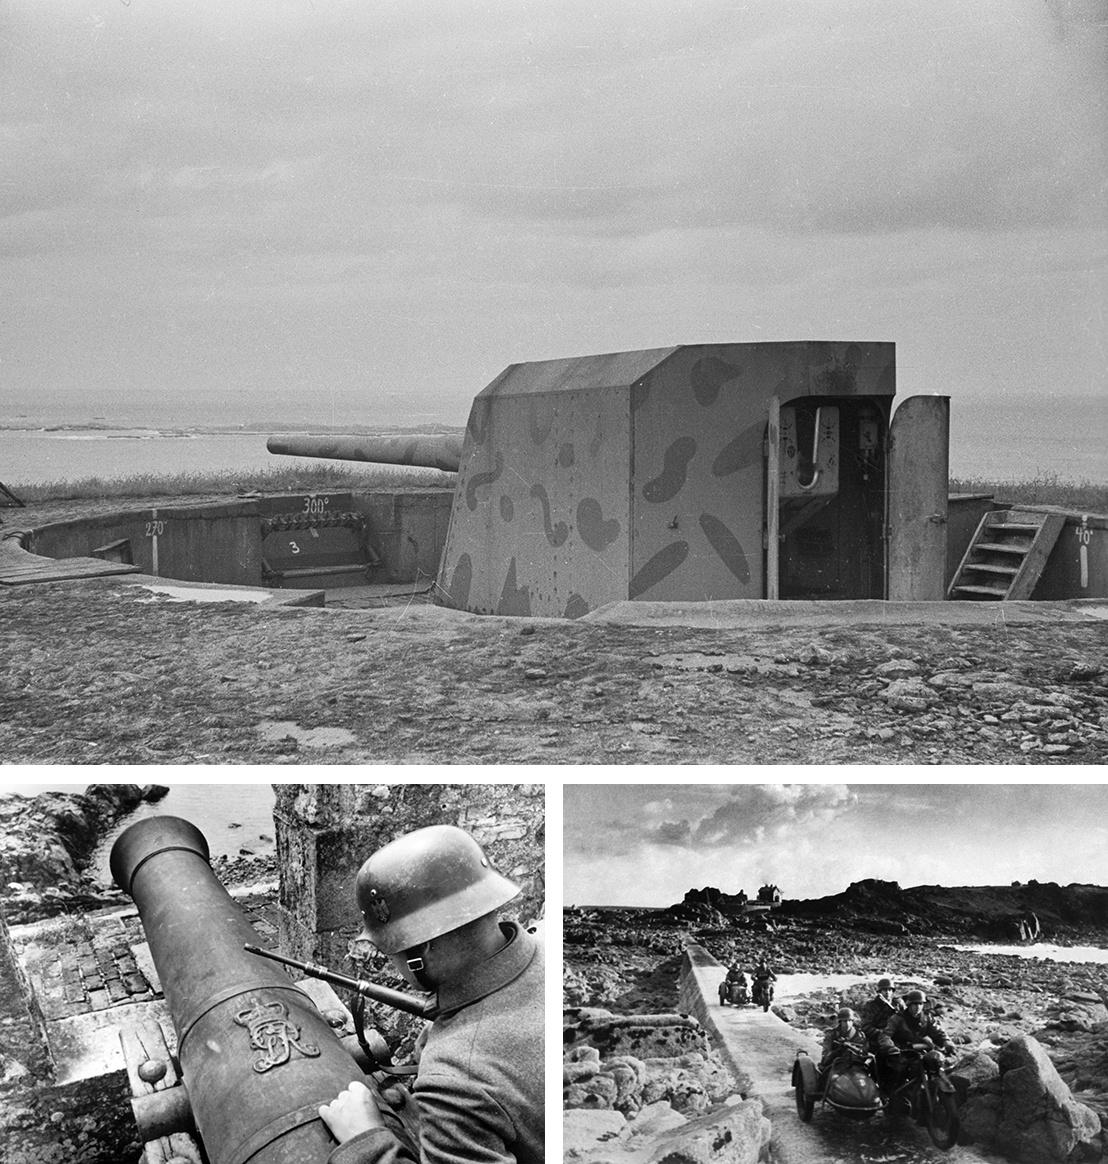 Fent: 150 mm-es ágyú a szigetcsoporthoz tartozó Saint Anne szigeten - Bal: Német katona egy középkori brit ágyú mellett a szigetcsoport elfoglalása után - Jobb: Német motoros járőrök Jersey partjainál 1941-ben